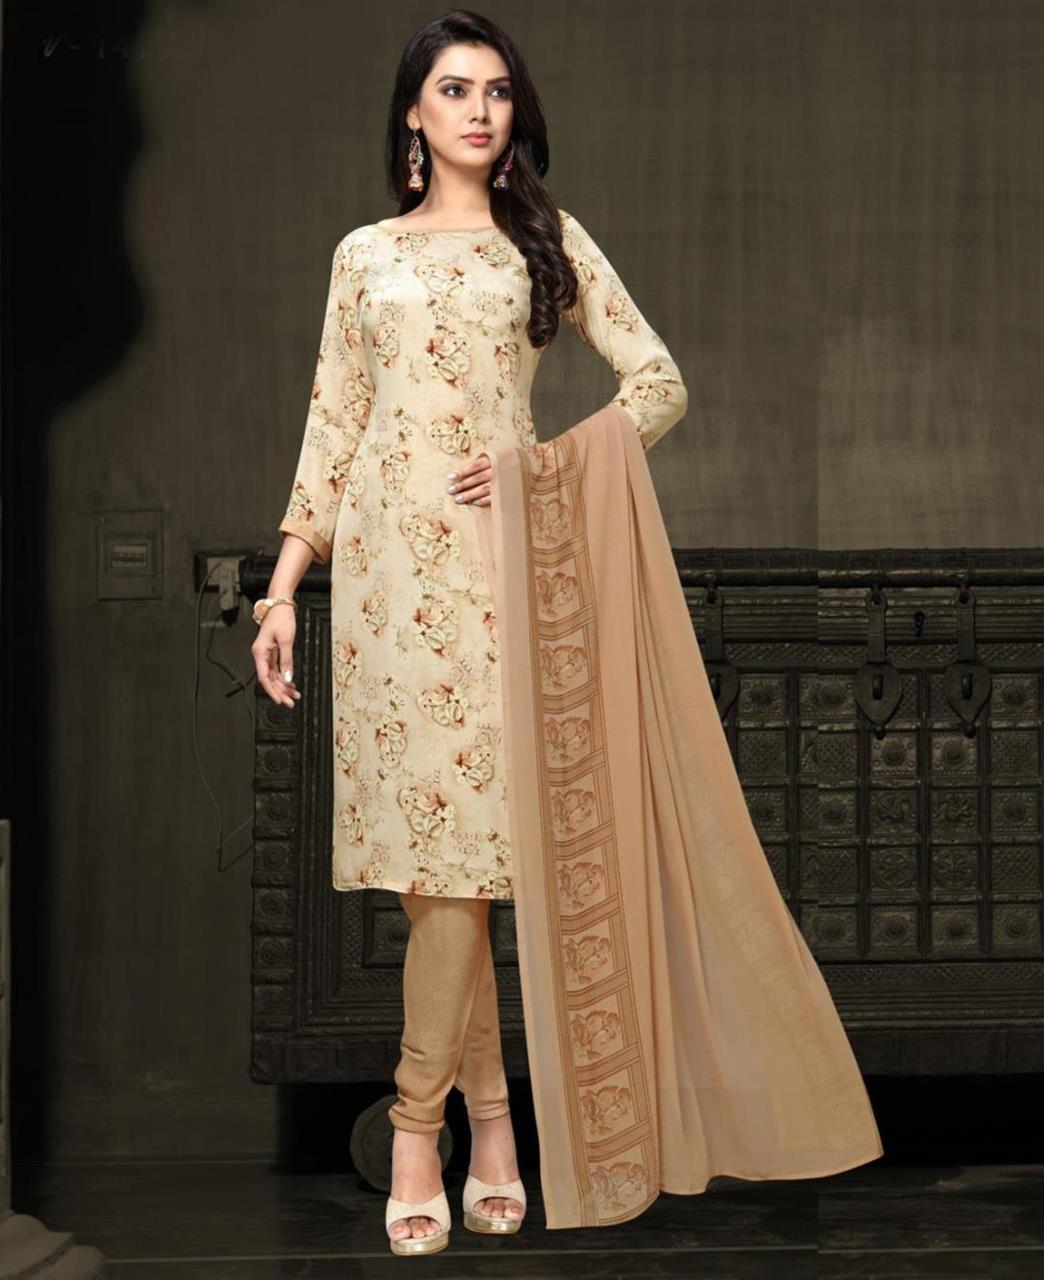 Printed Georgette Straight cut Salwar Kameez in Cream